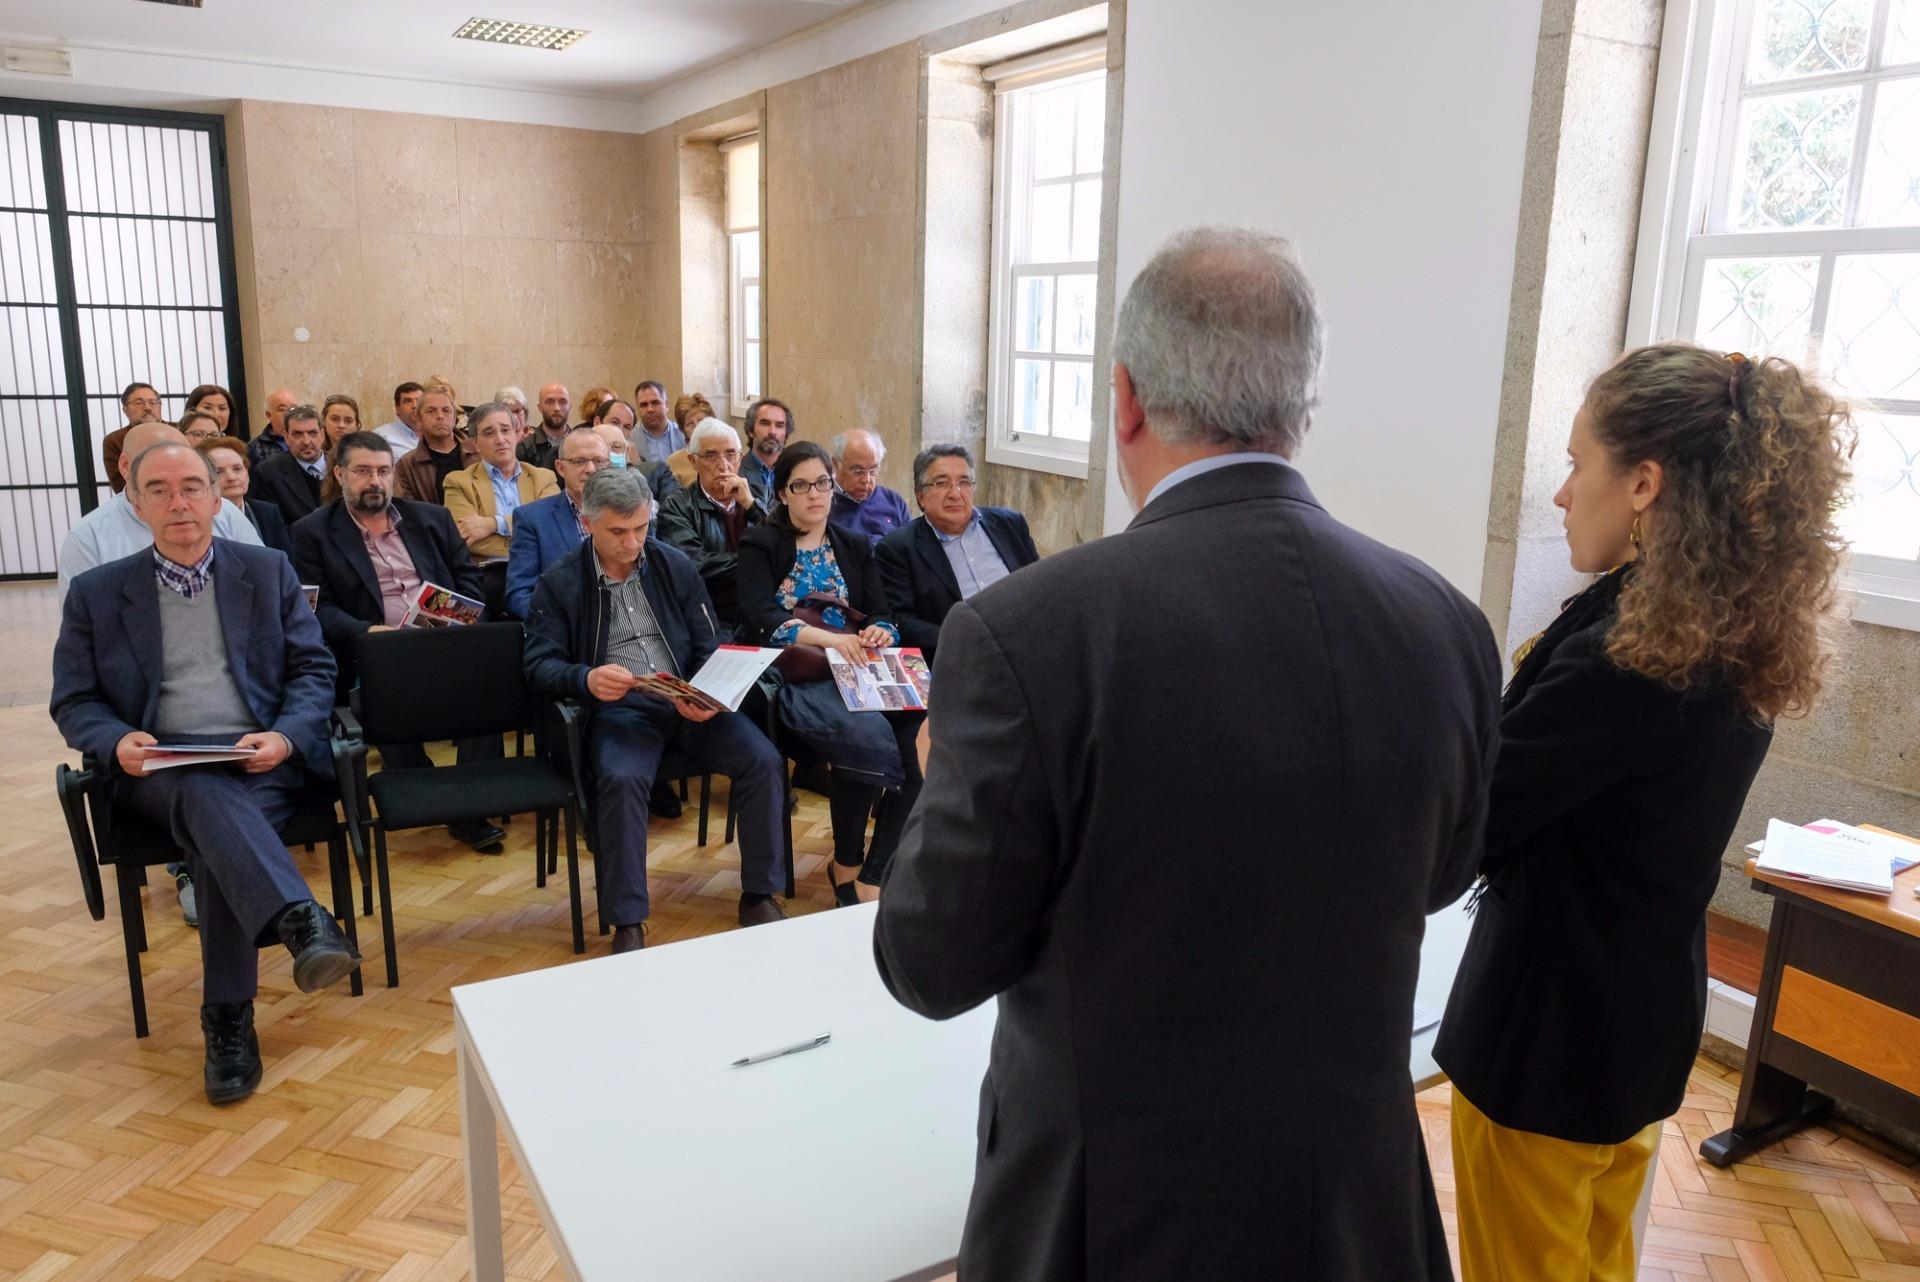 Câmara de Viana atribui apoio anual de quase 300 mil euros a 26 associações da área social